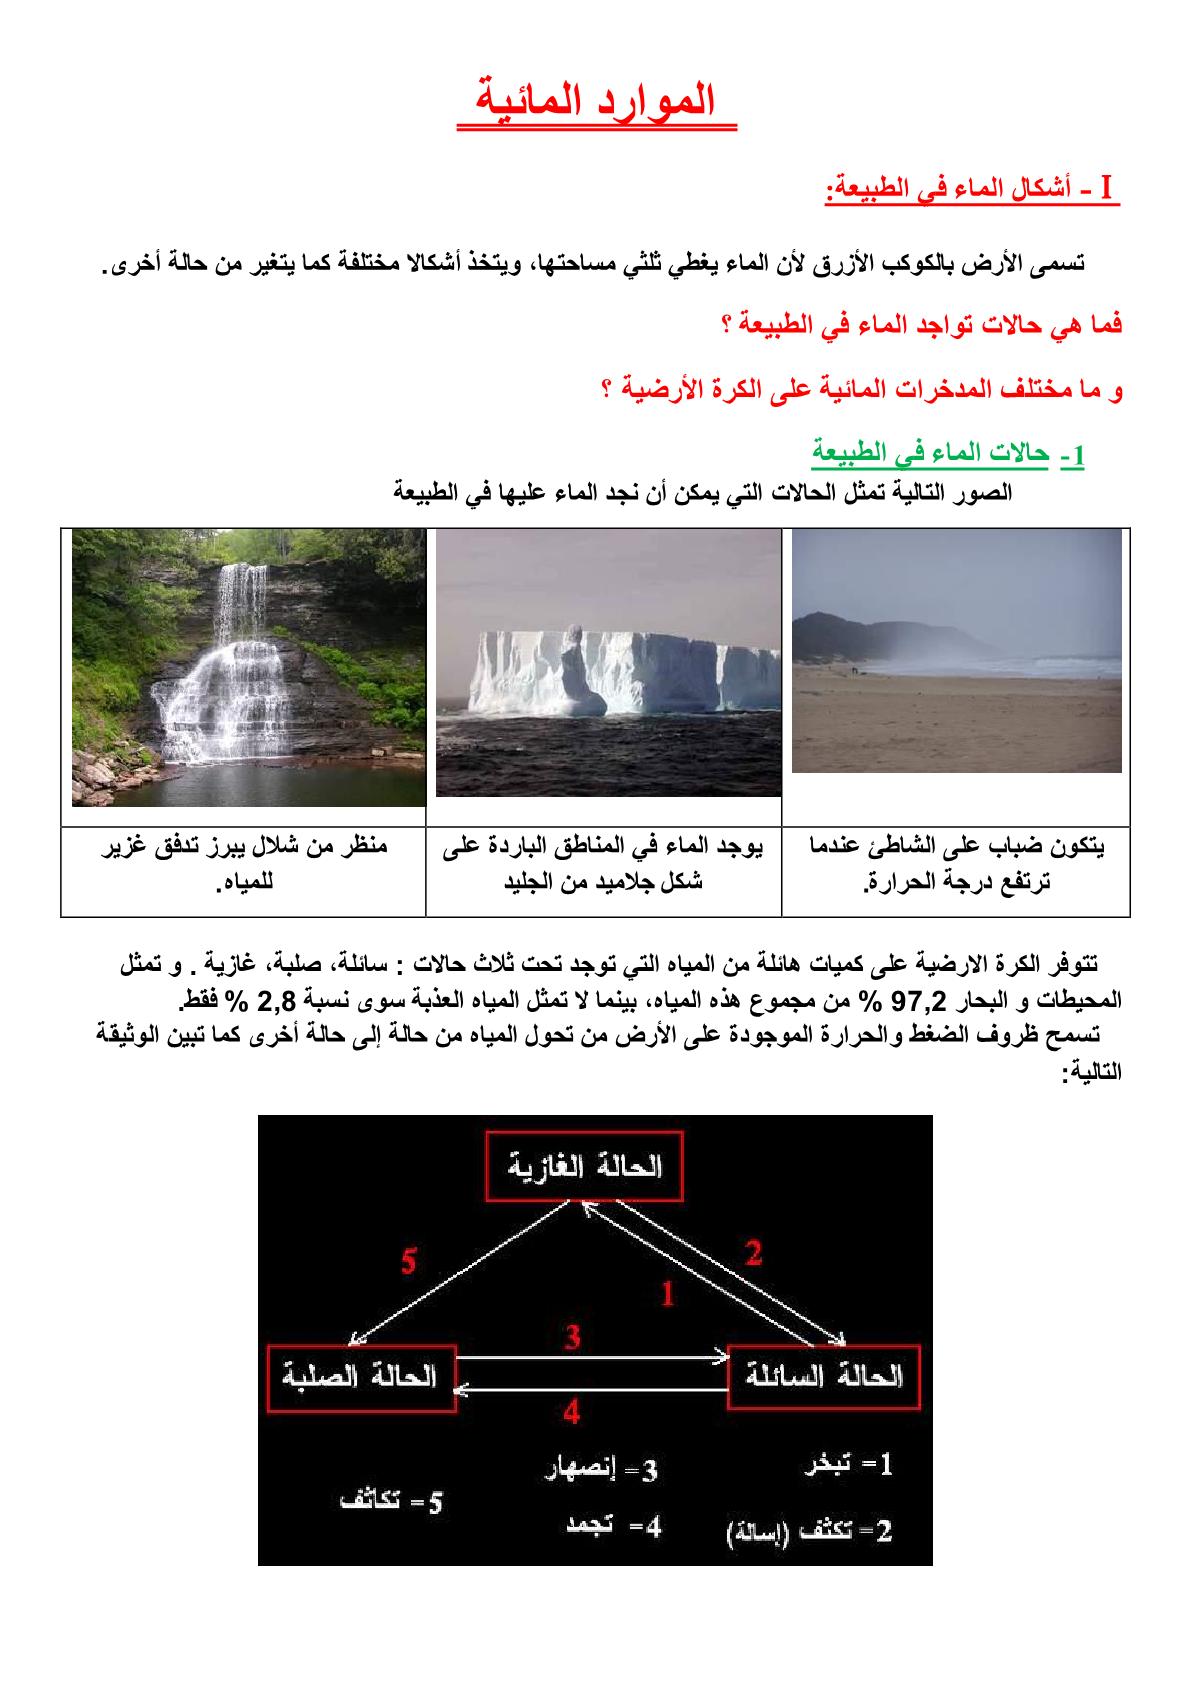 درس الموارد المائية للمستوى الأولى إعدادي